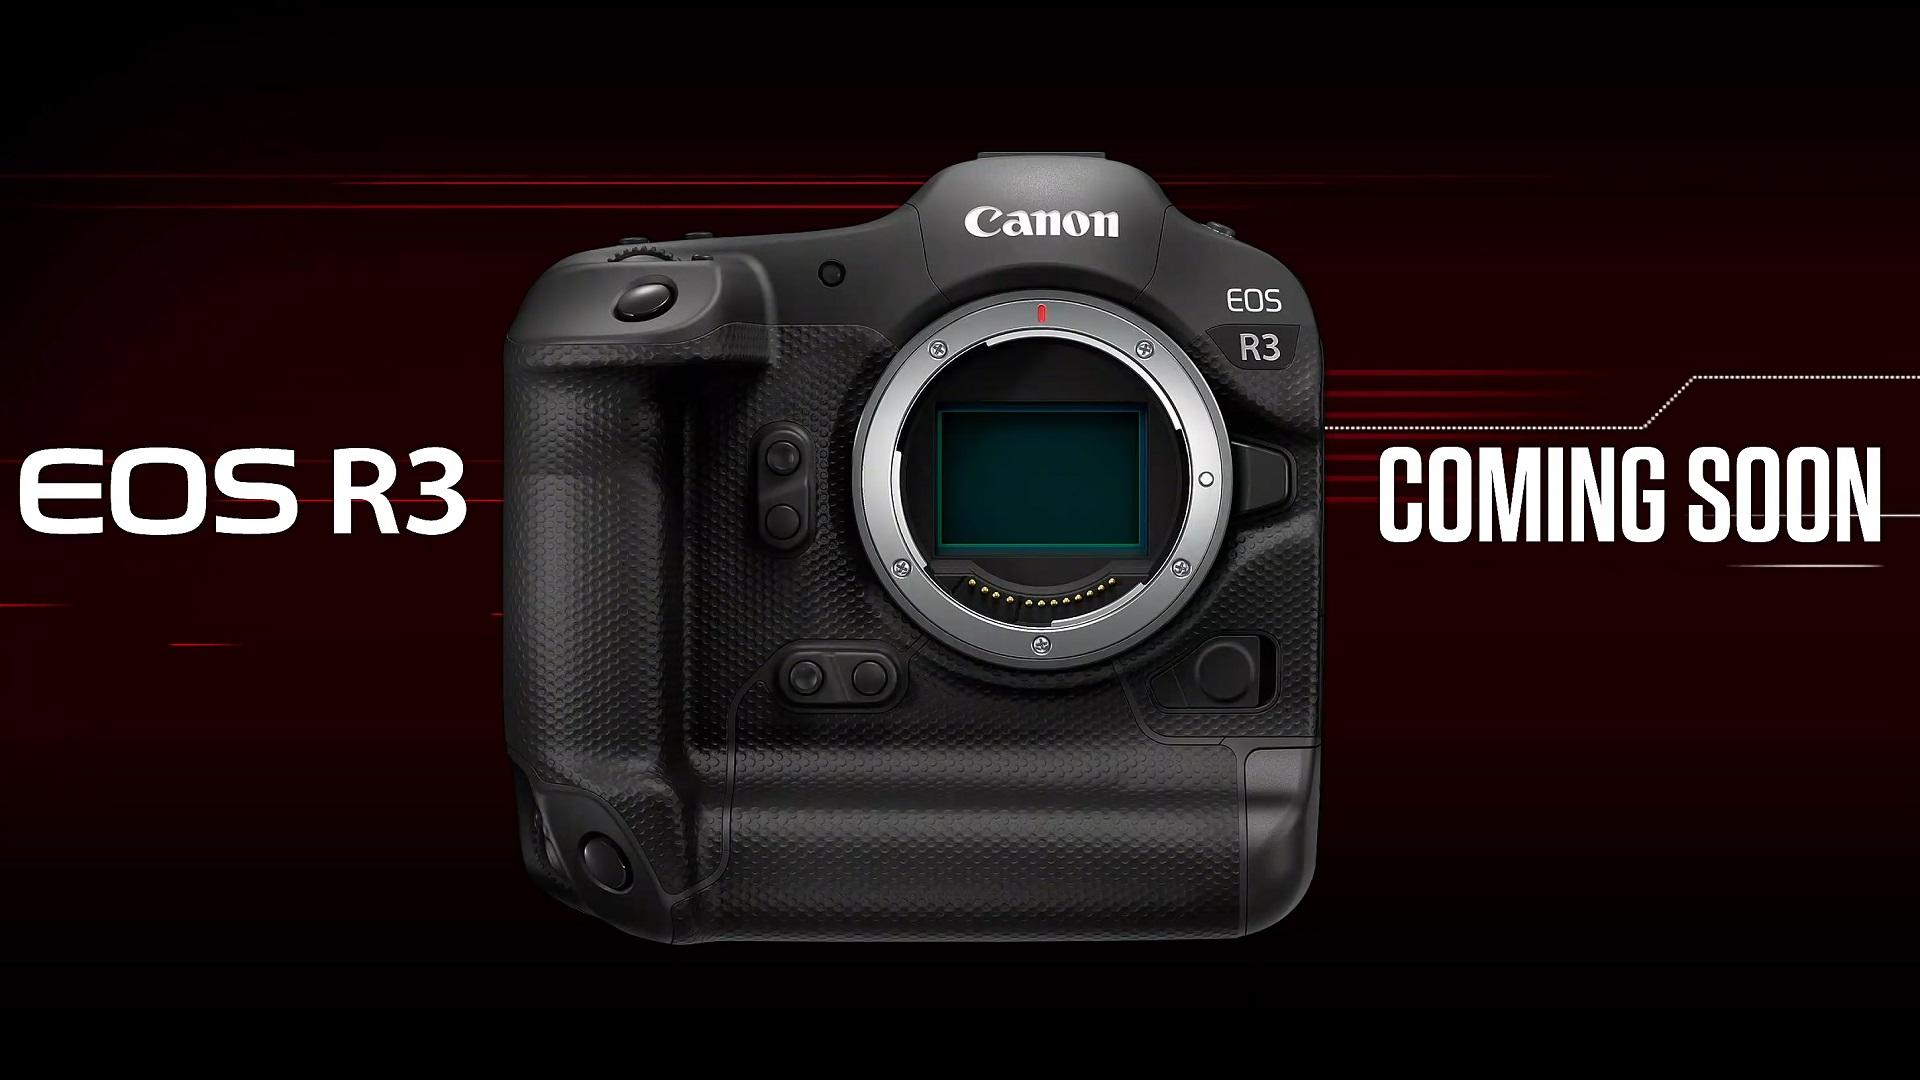 Canon xác nhận đang phát triển máy ảnh EOS R3, dự kiến ra mắt vào cuối năm 2021